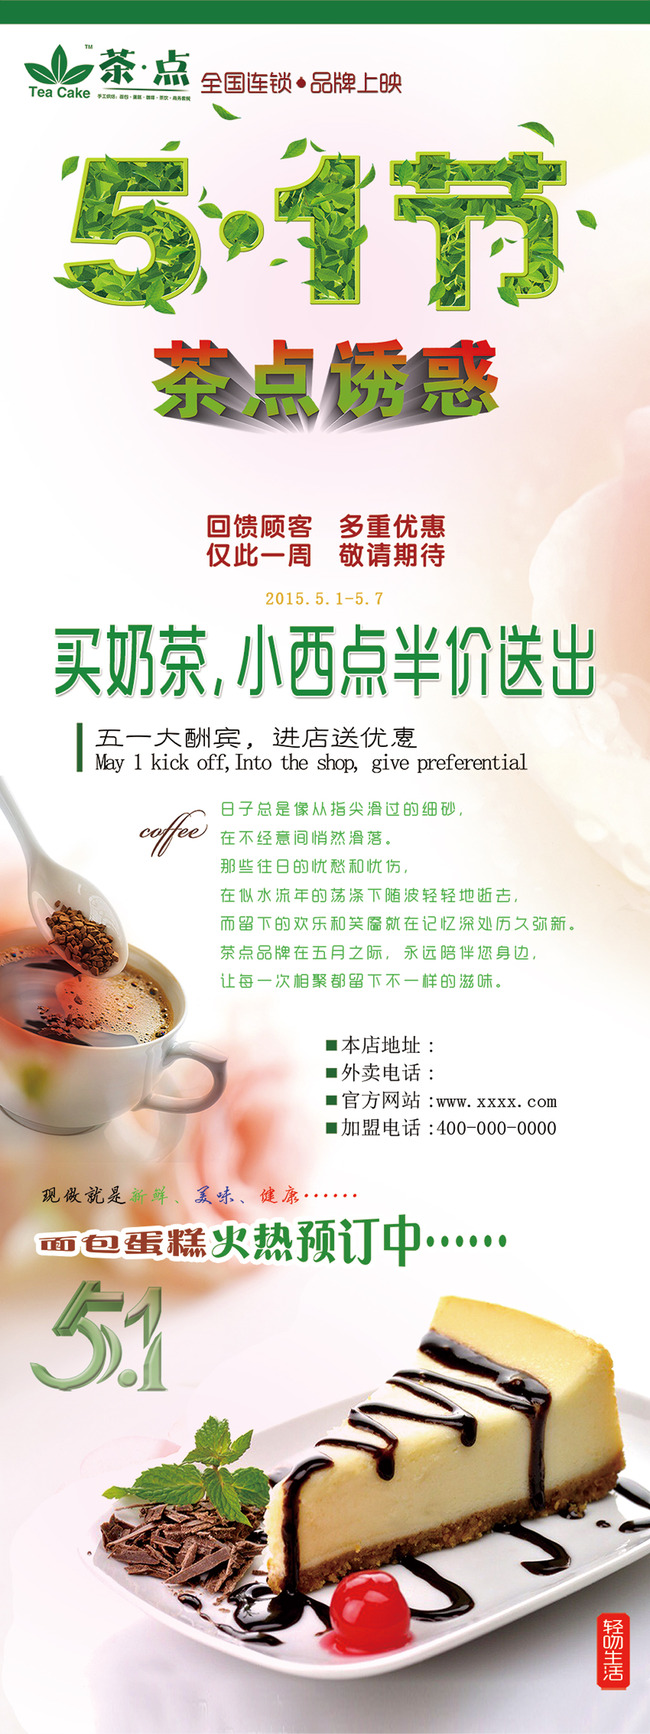 五一奶茶促销活动海报设计